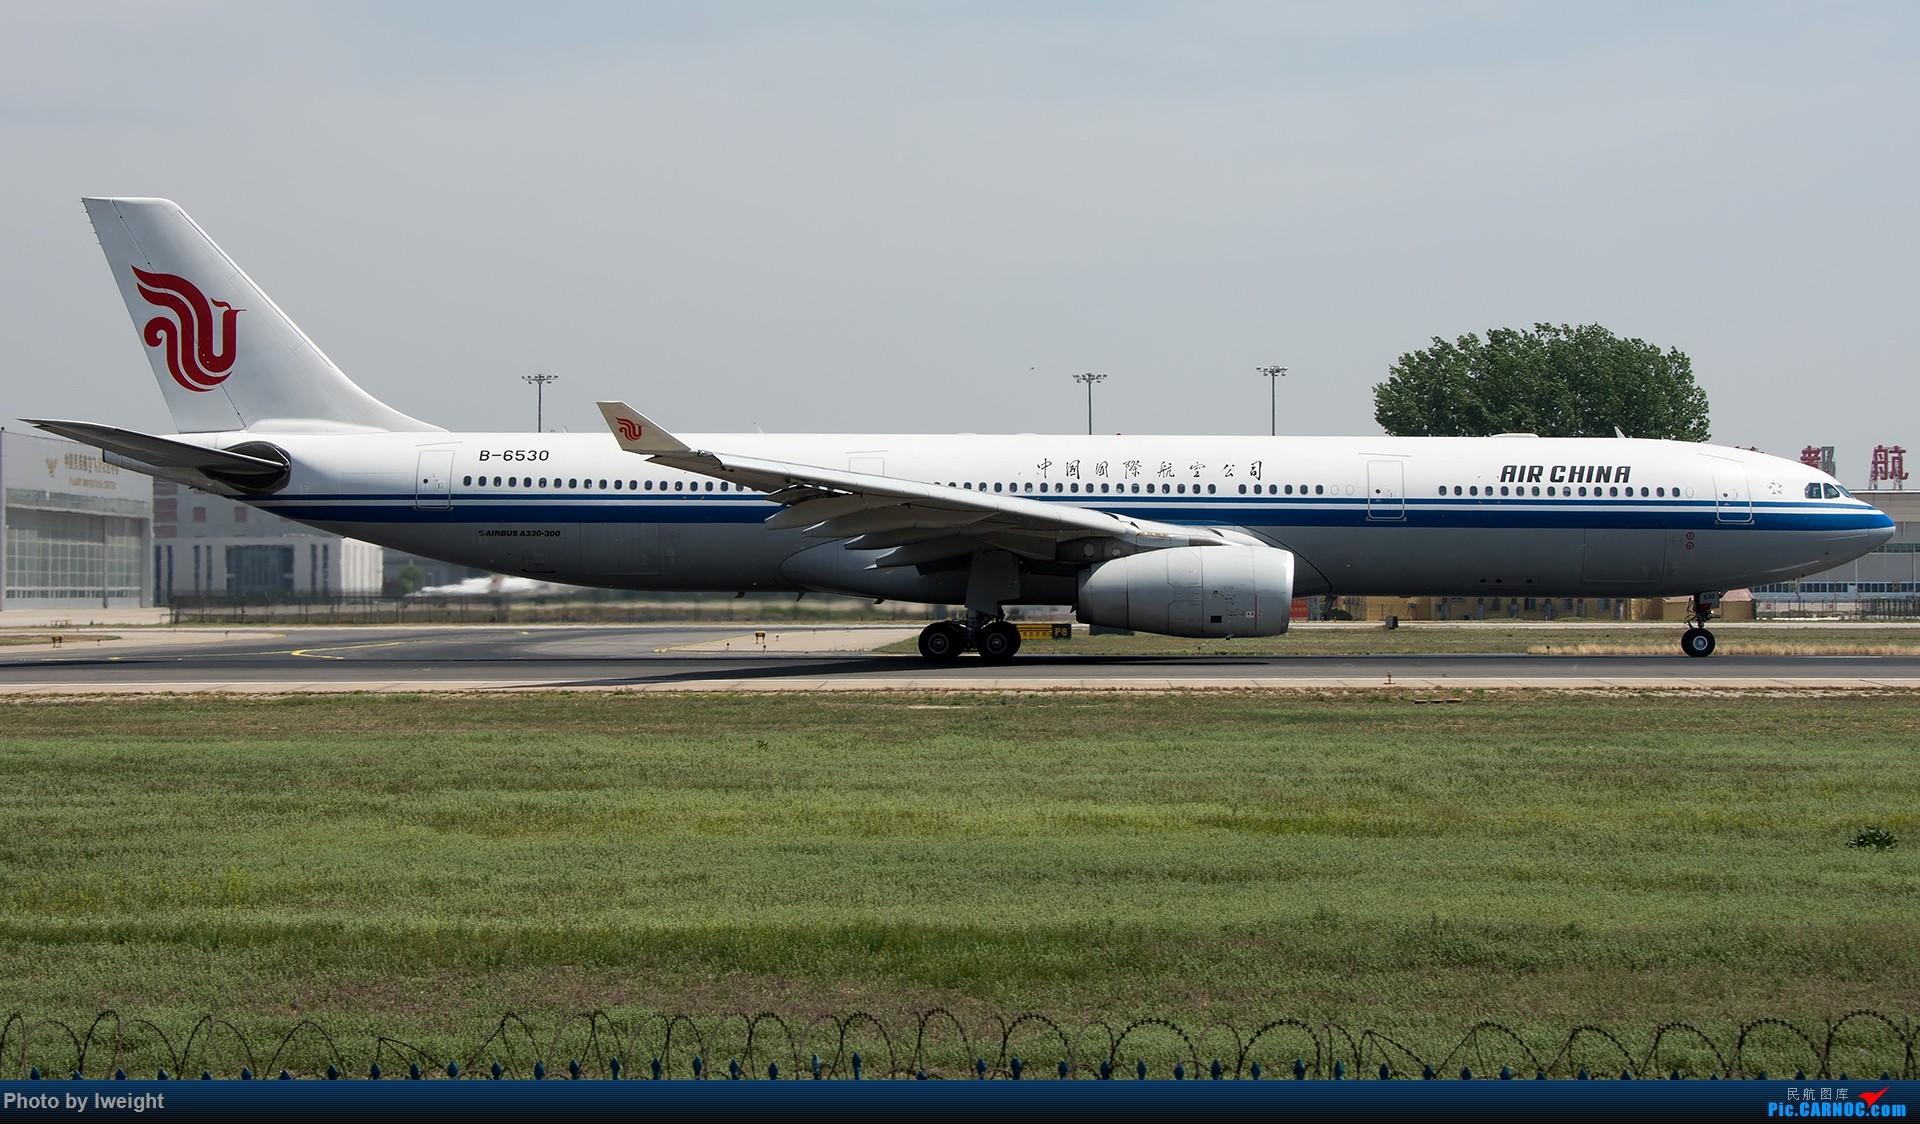 Re:[原创]天气晴朗,继续守候18R【多图】 AIRBUS A330-300 B-6530 中国北京首都国际机场